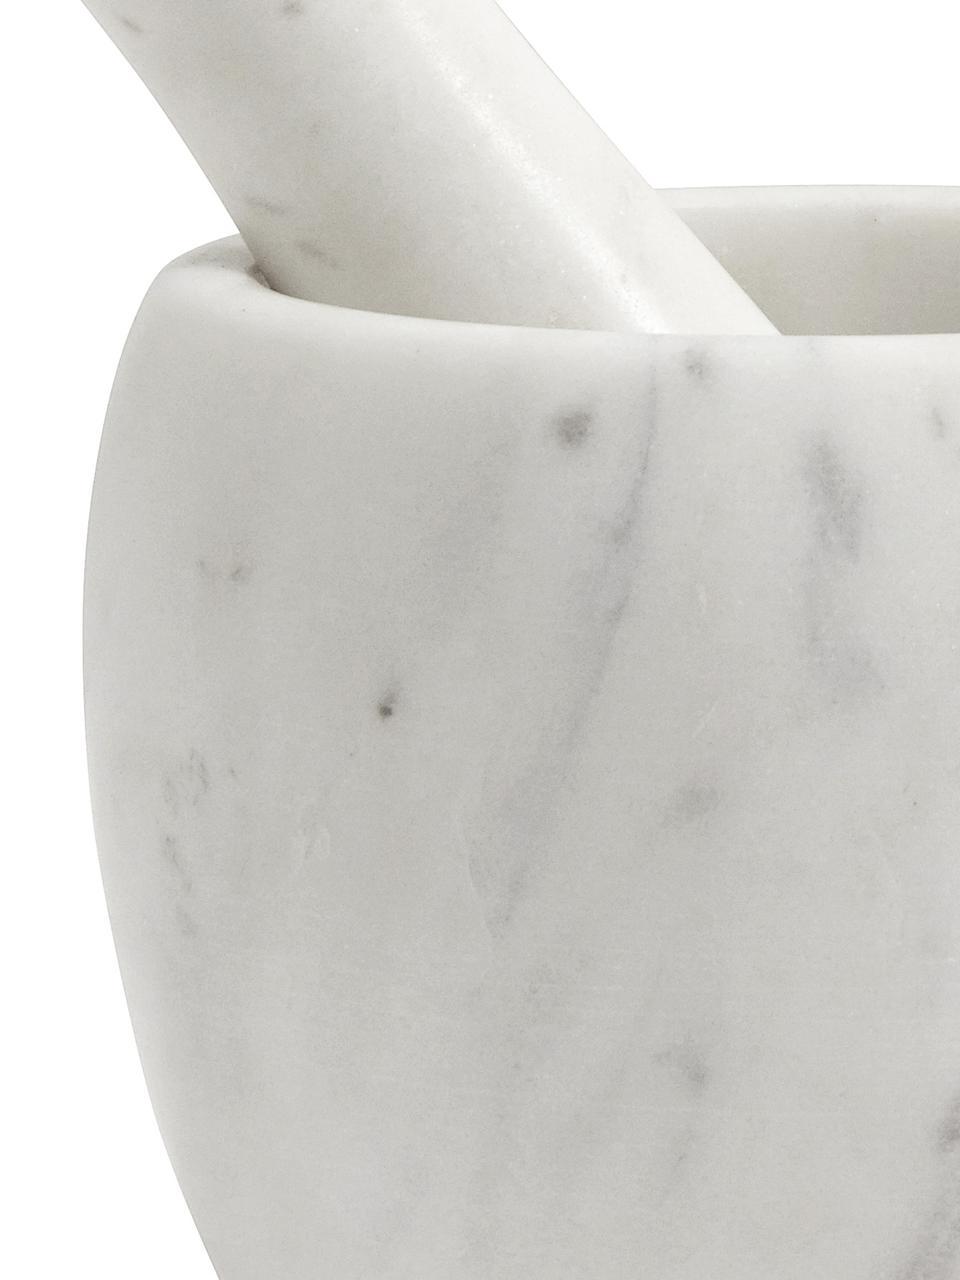 Mramorová třecí miska s tloučkem Mortar, 2 díly, Bílá